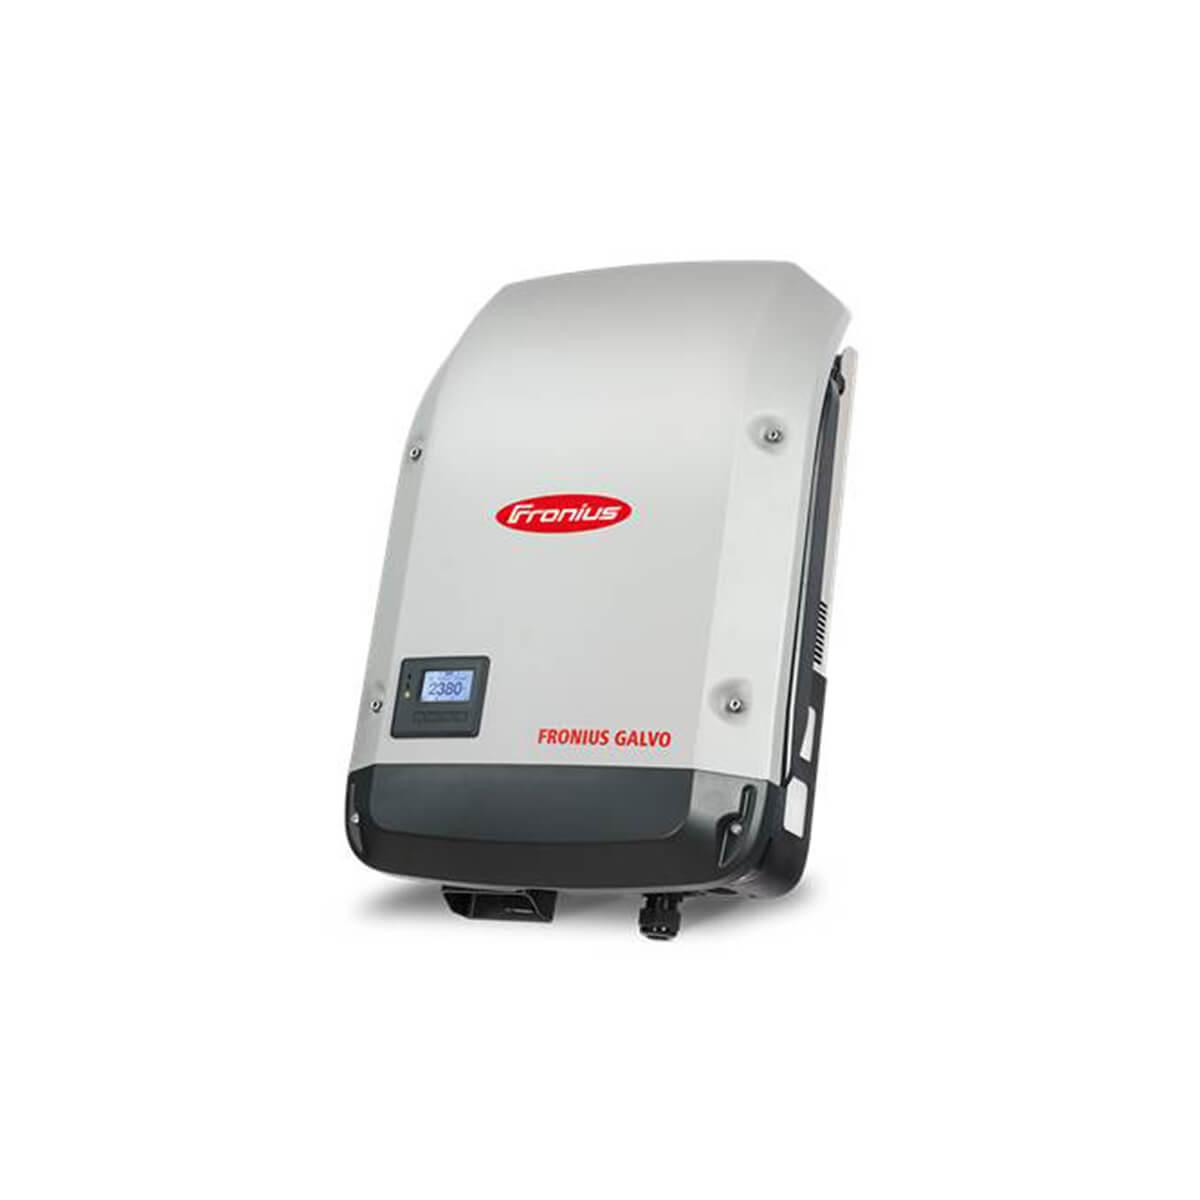 fronius 3kW inverter, fronius galvo 3kW inverter, fronius galvo 3.0-1 inverter, fronius galvo 3.0-1, fronius galvo 3 kW